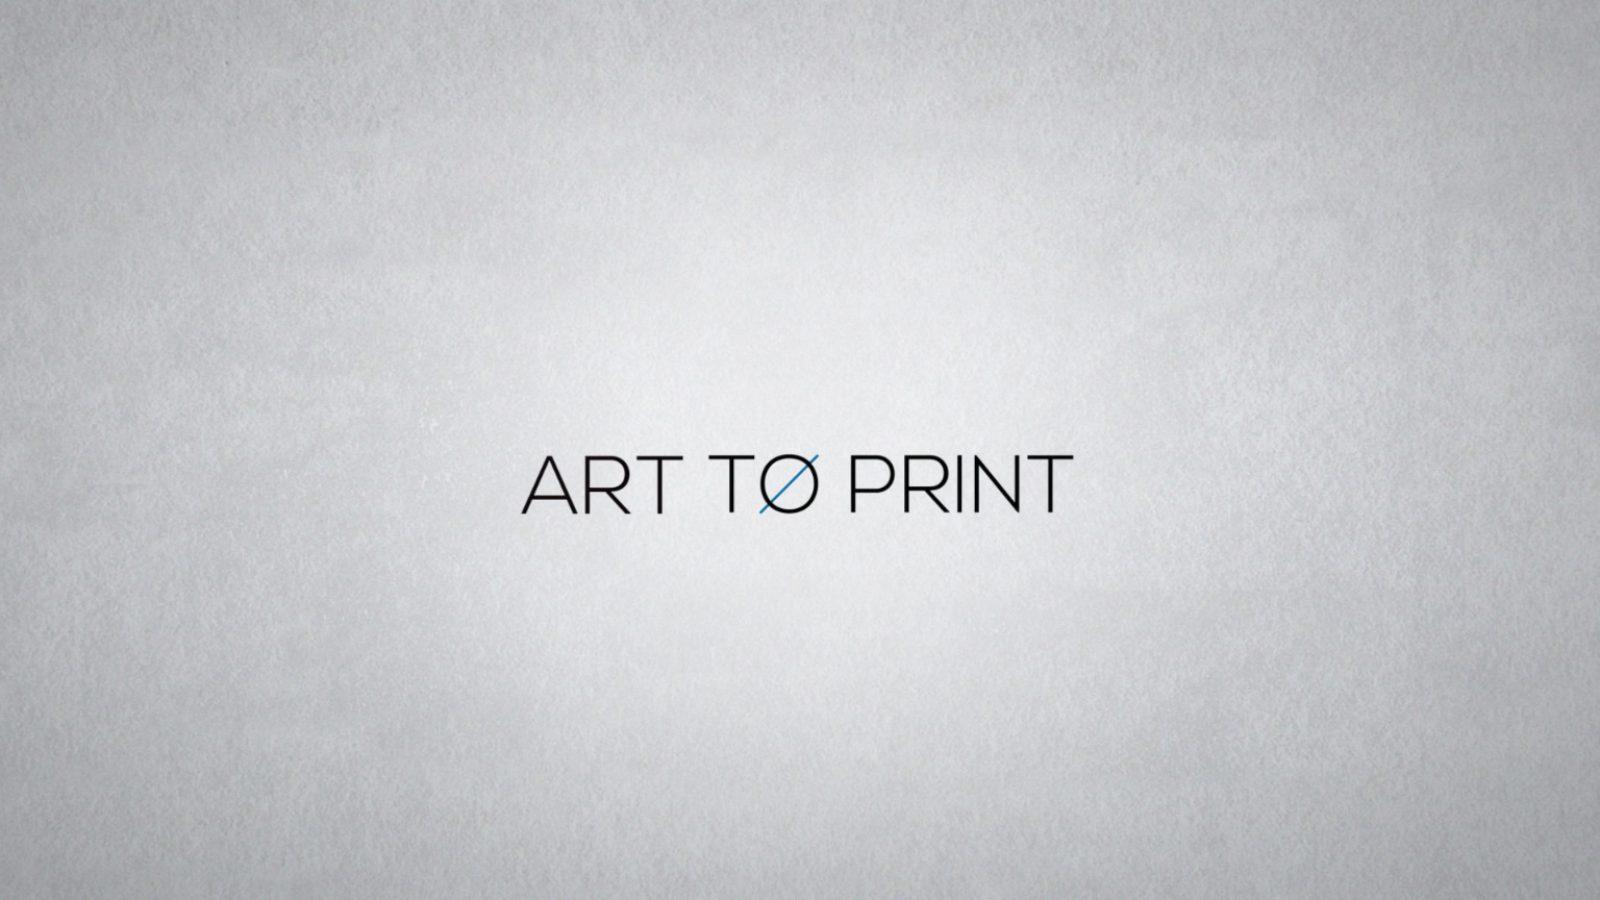 Art to print-vidéo savoie